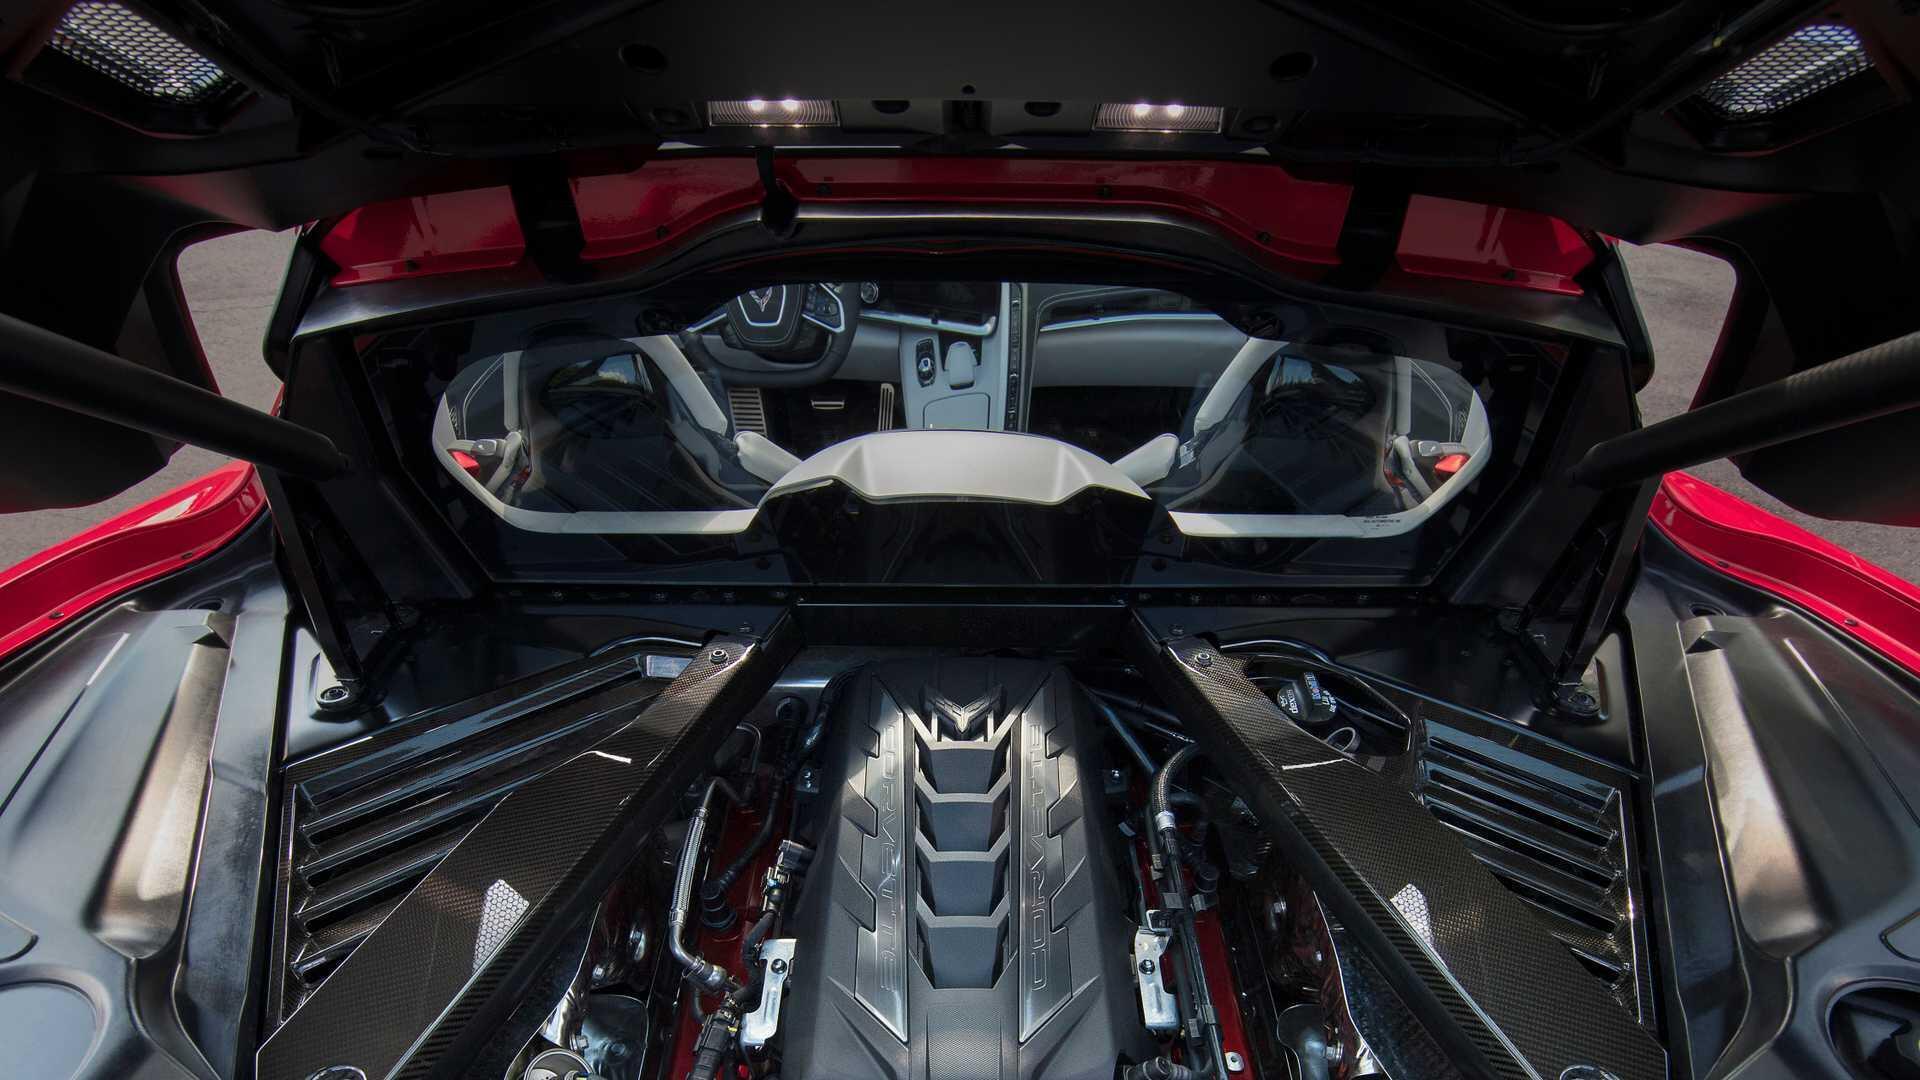 https://cdn.dailyxe.com.vn/image/chevrolet-corvette-2020-co-mot-so-tinh-nang-an-tuyet-voi-76-94578j2.jpg